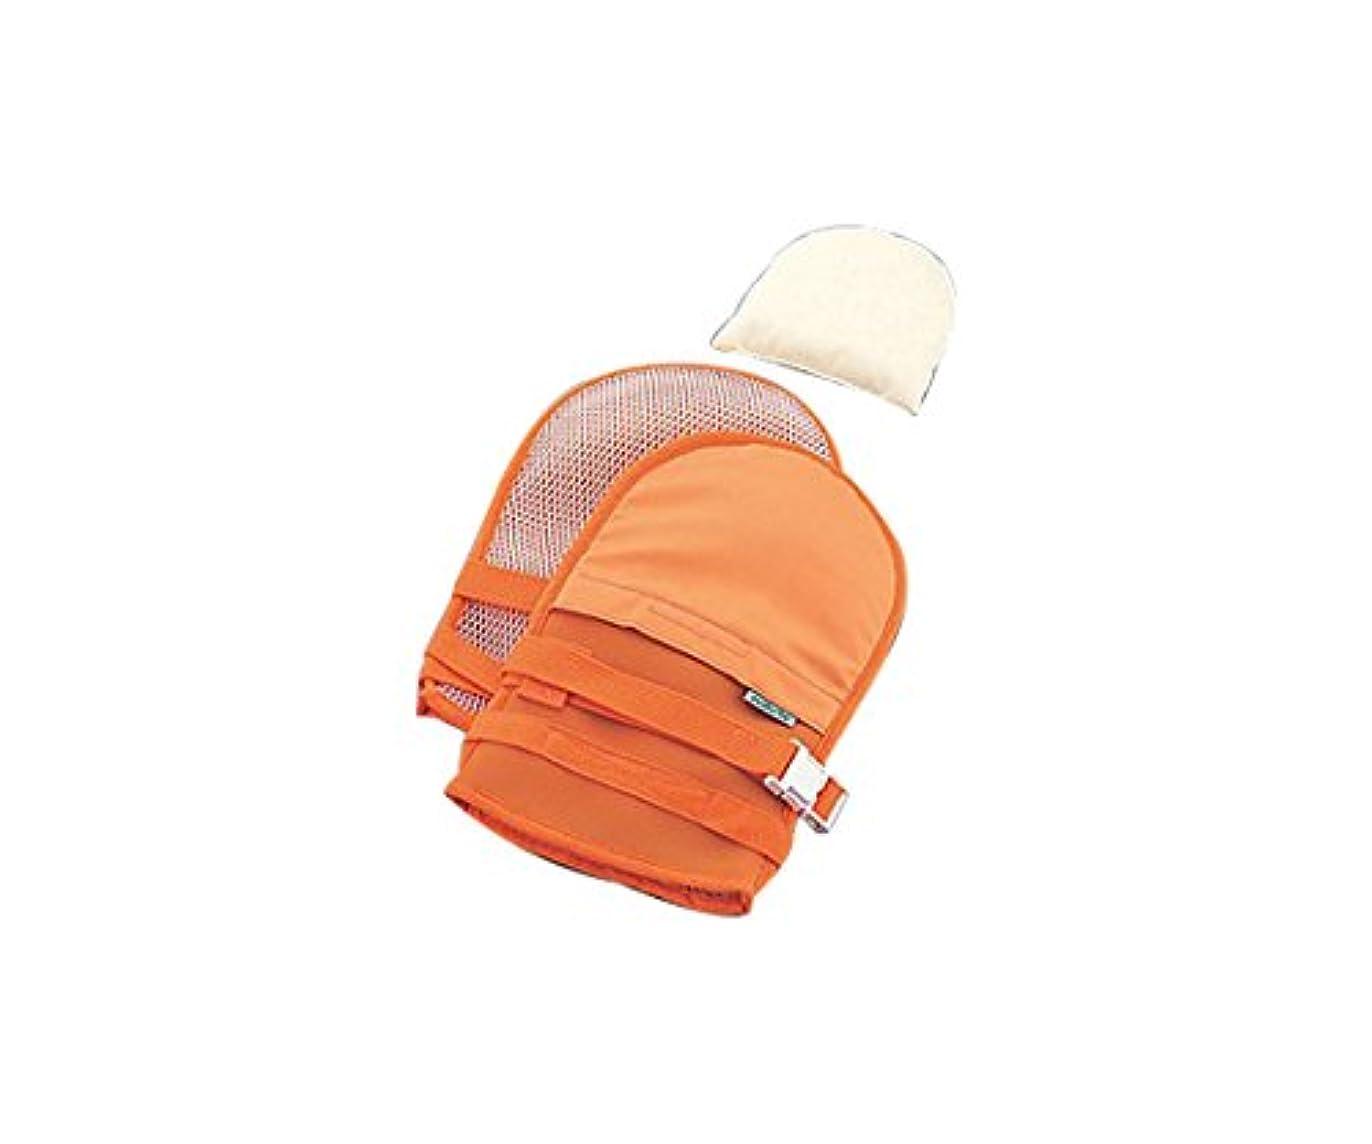 もう一度モンキー老人ナビス(アズワン)0-1638-42抜管防止手袋中メッシュオレンジ